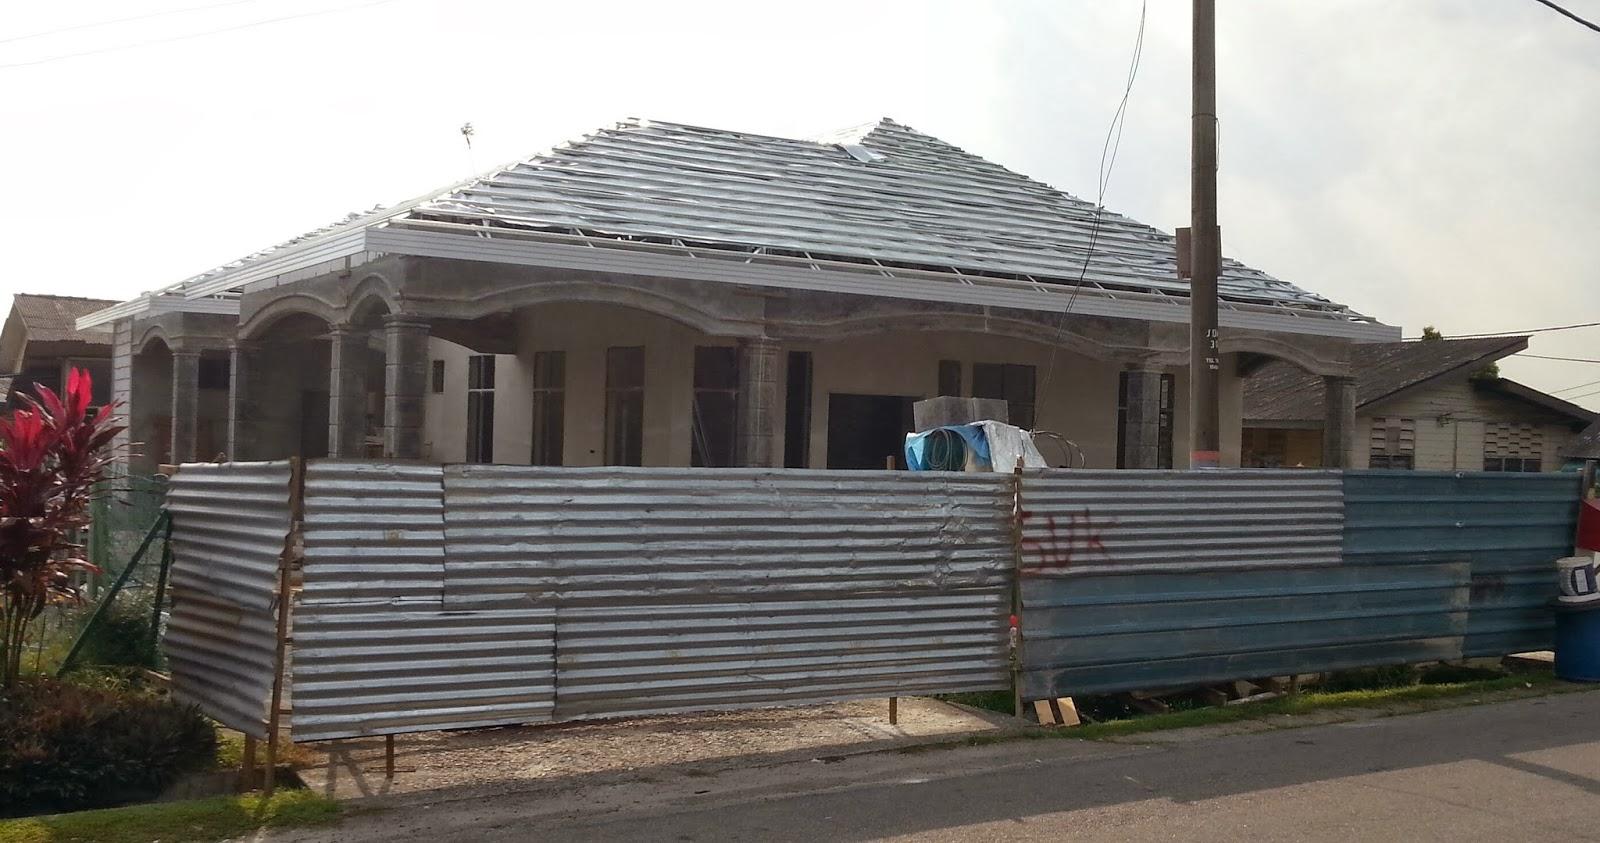 Kerjakerja Membina Beam Atas Roof Beam Membina Rumah ...